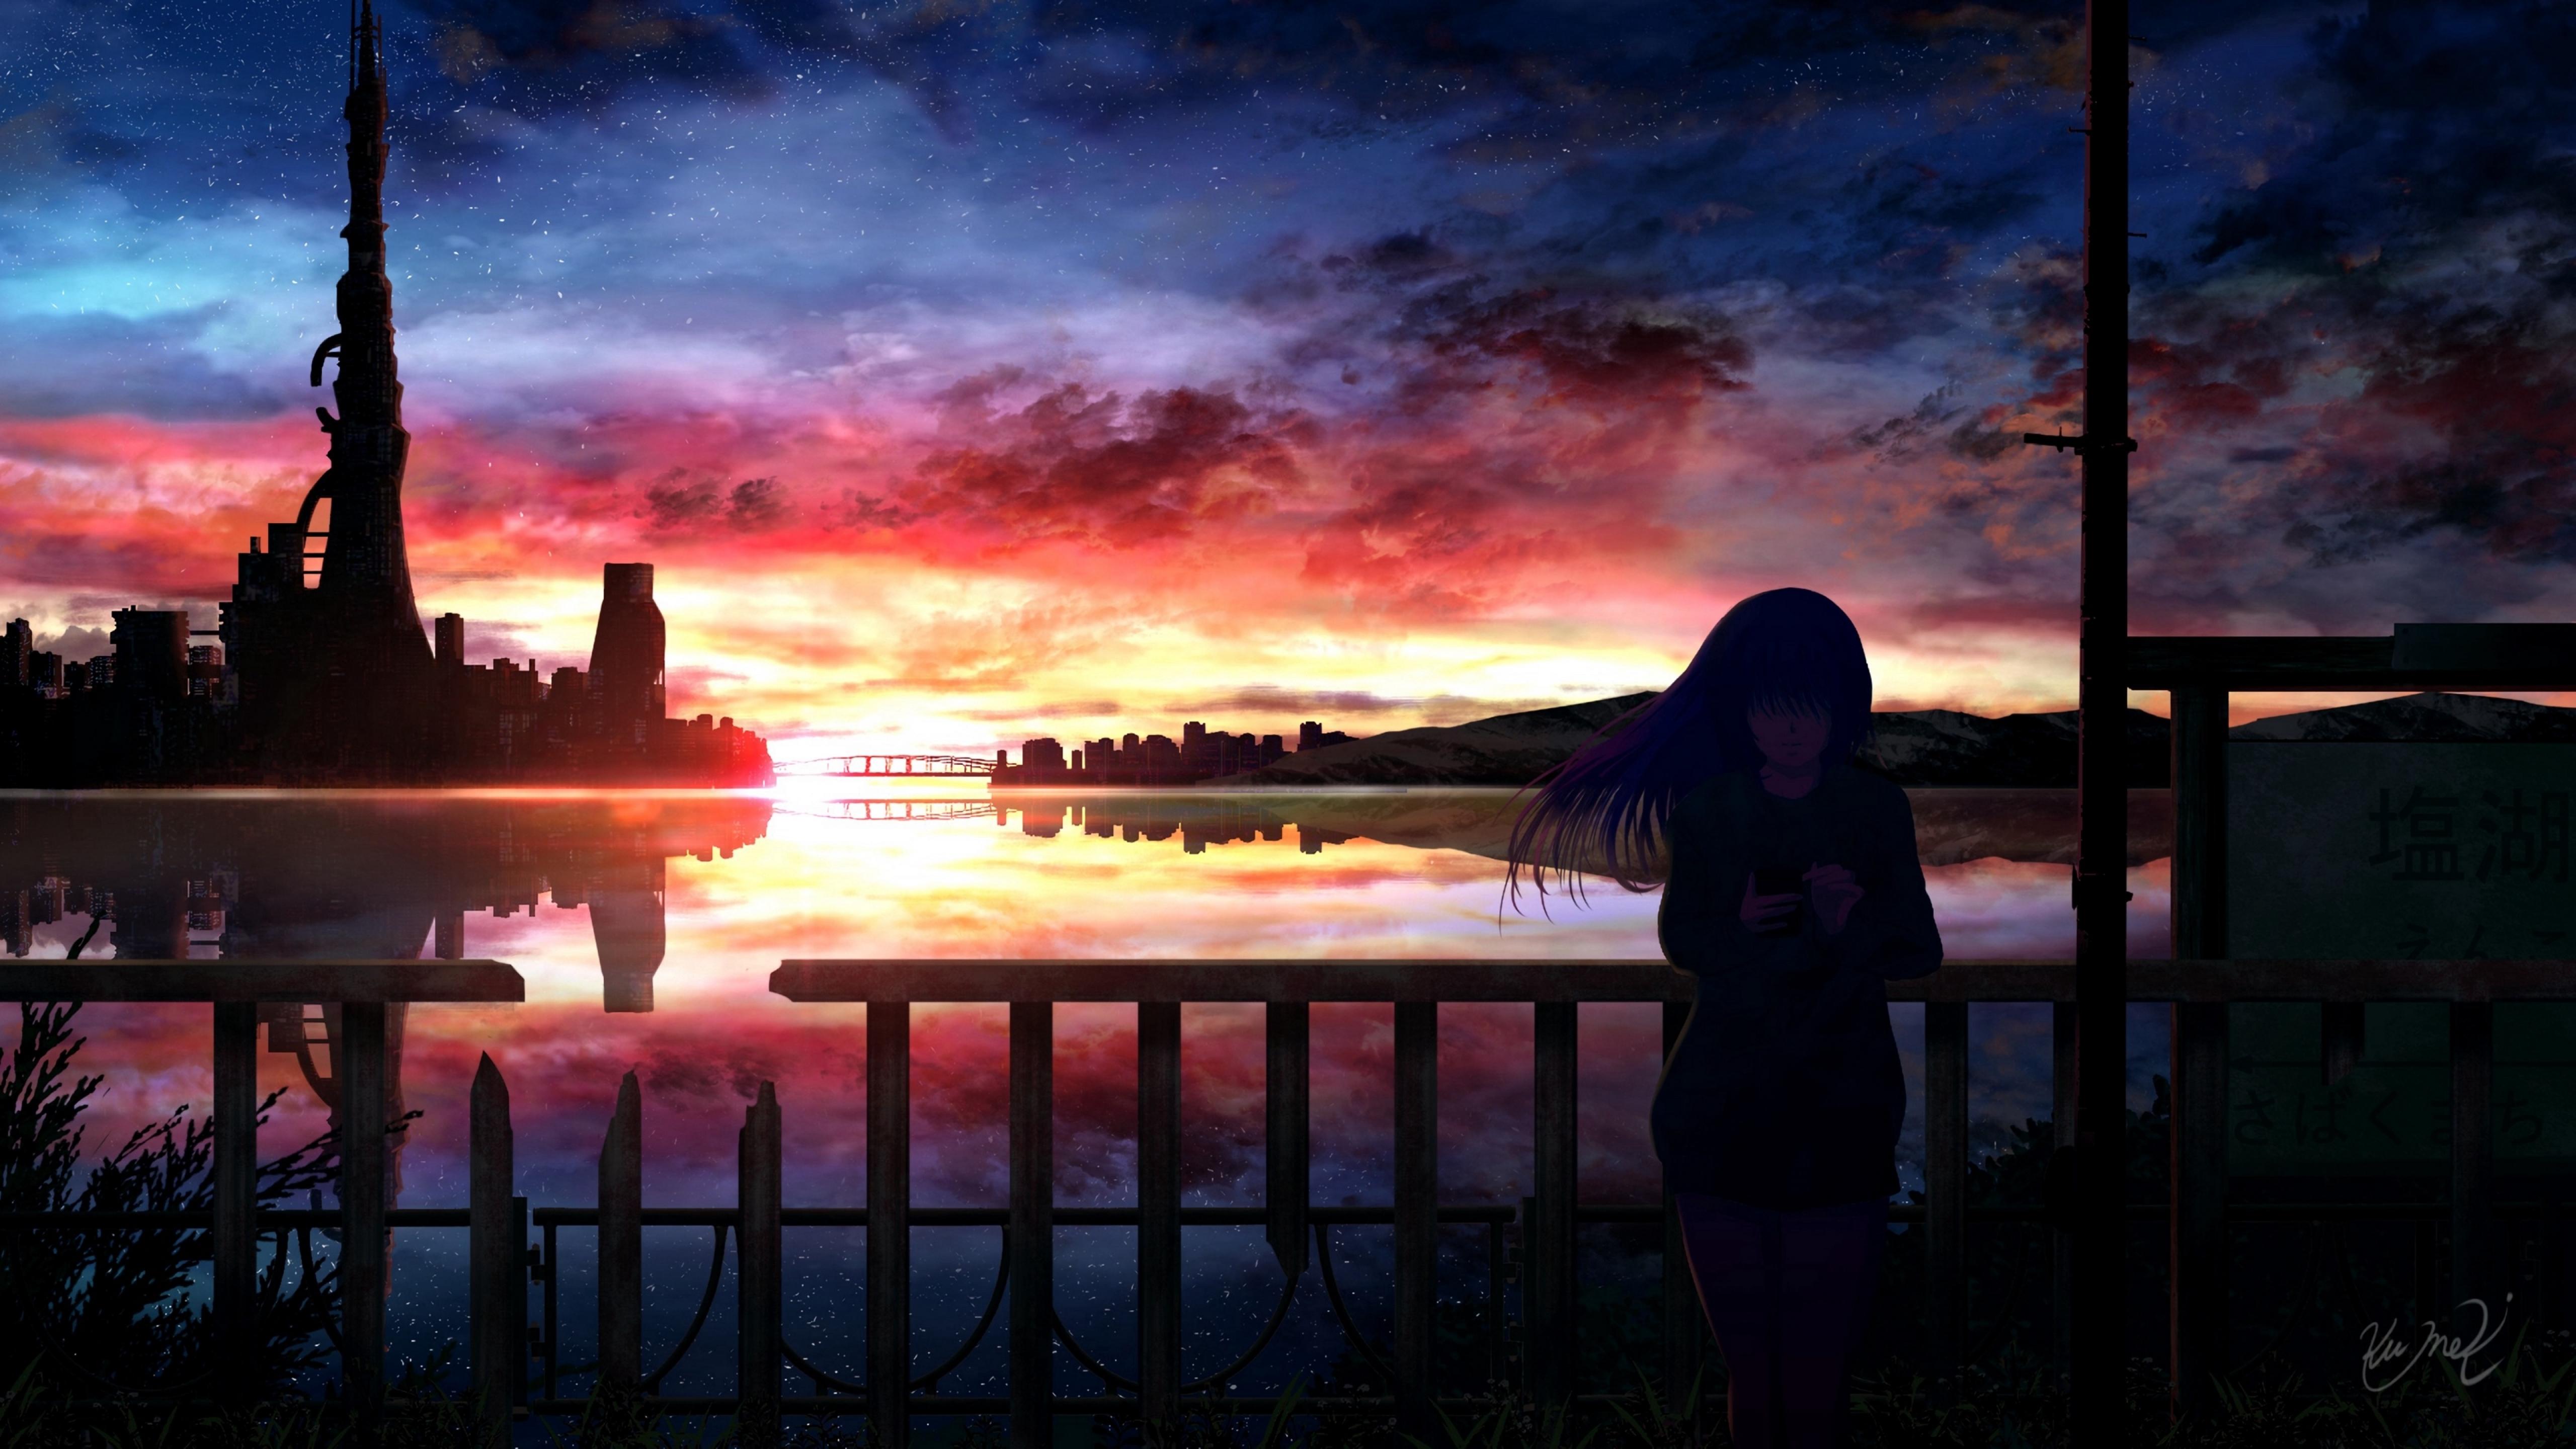 5120x2880 Anime Girl In Sunset 5k Wallpaper Hd Anime 4k